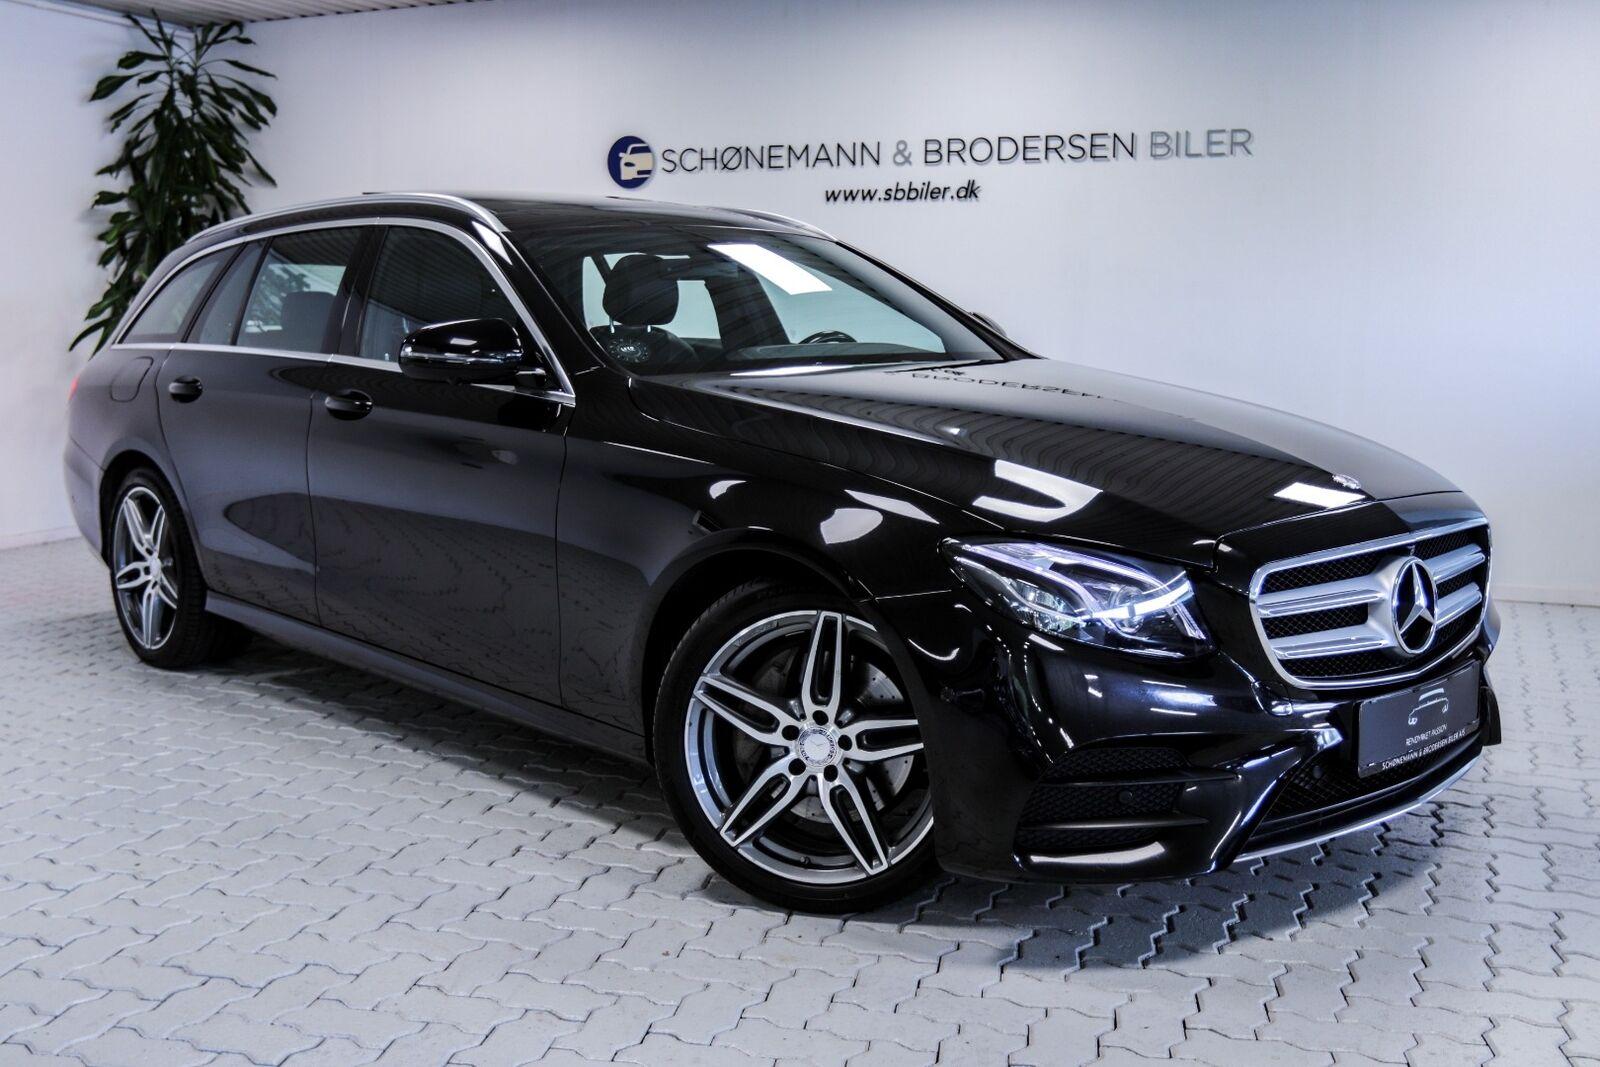 Mercedes E220 d 2,0 AMG Line stc. aut. 5d - 449.900 kr.